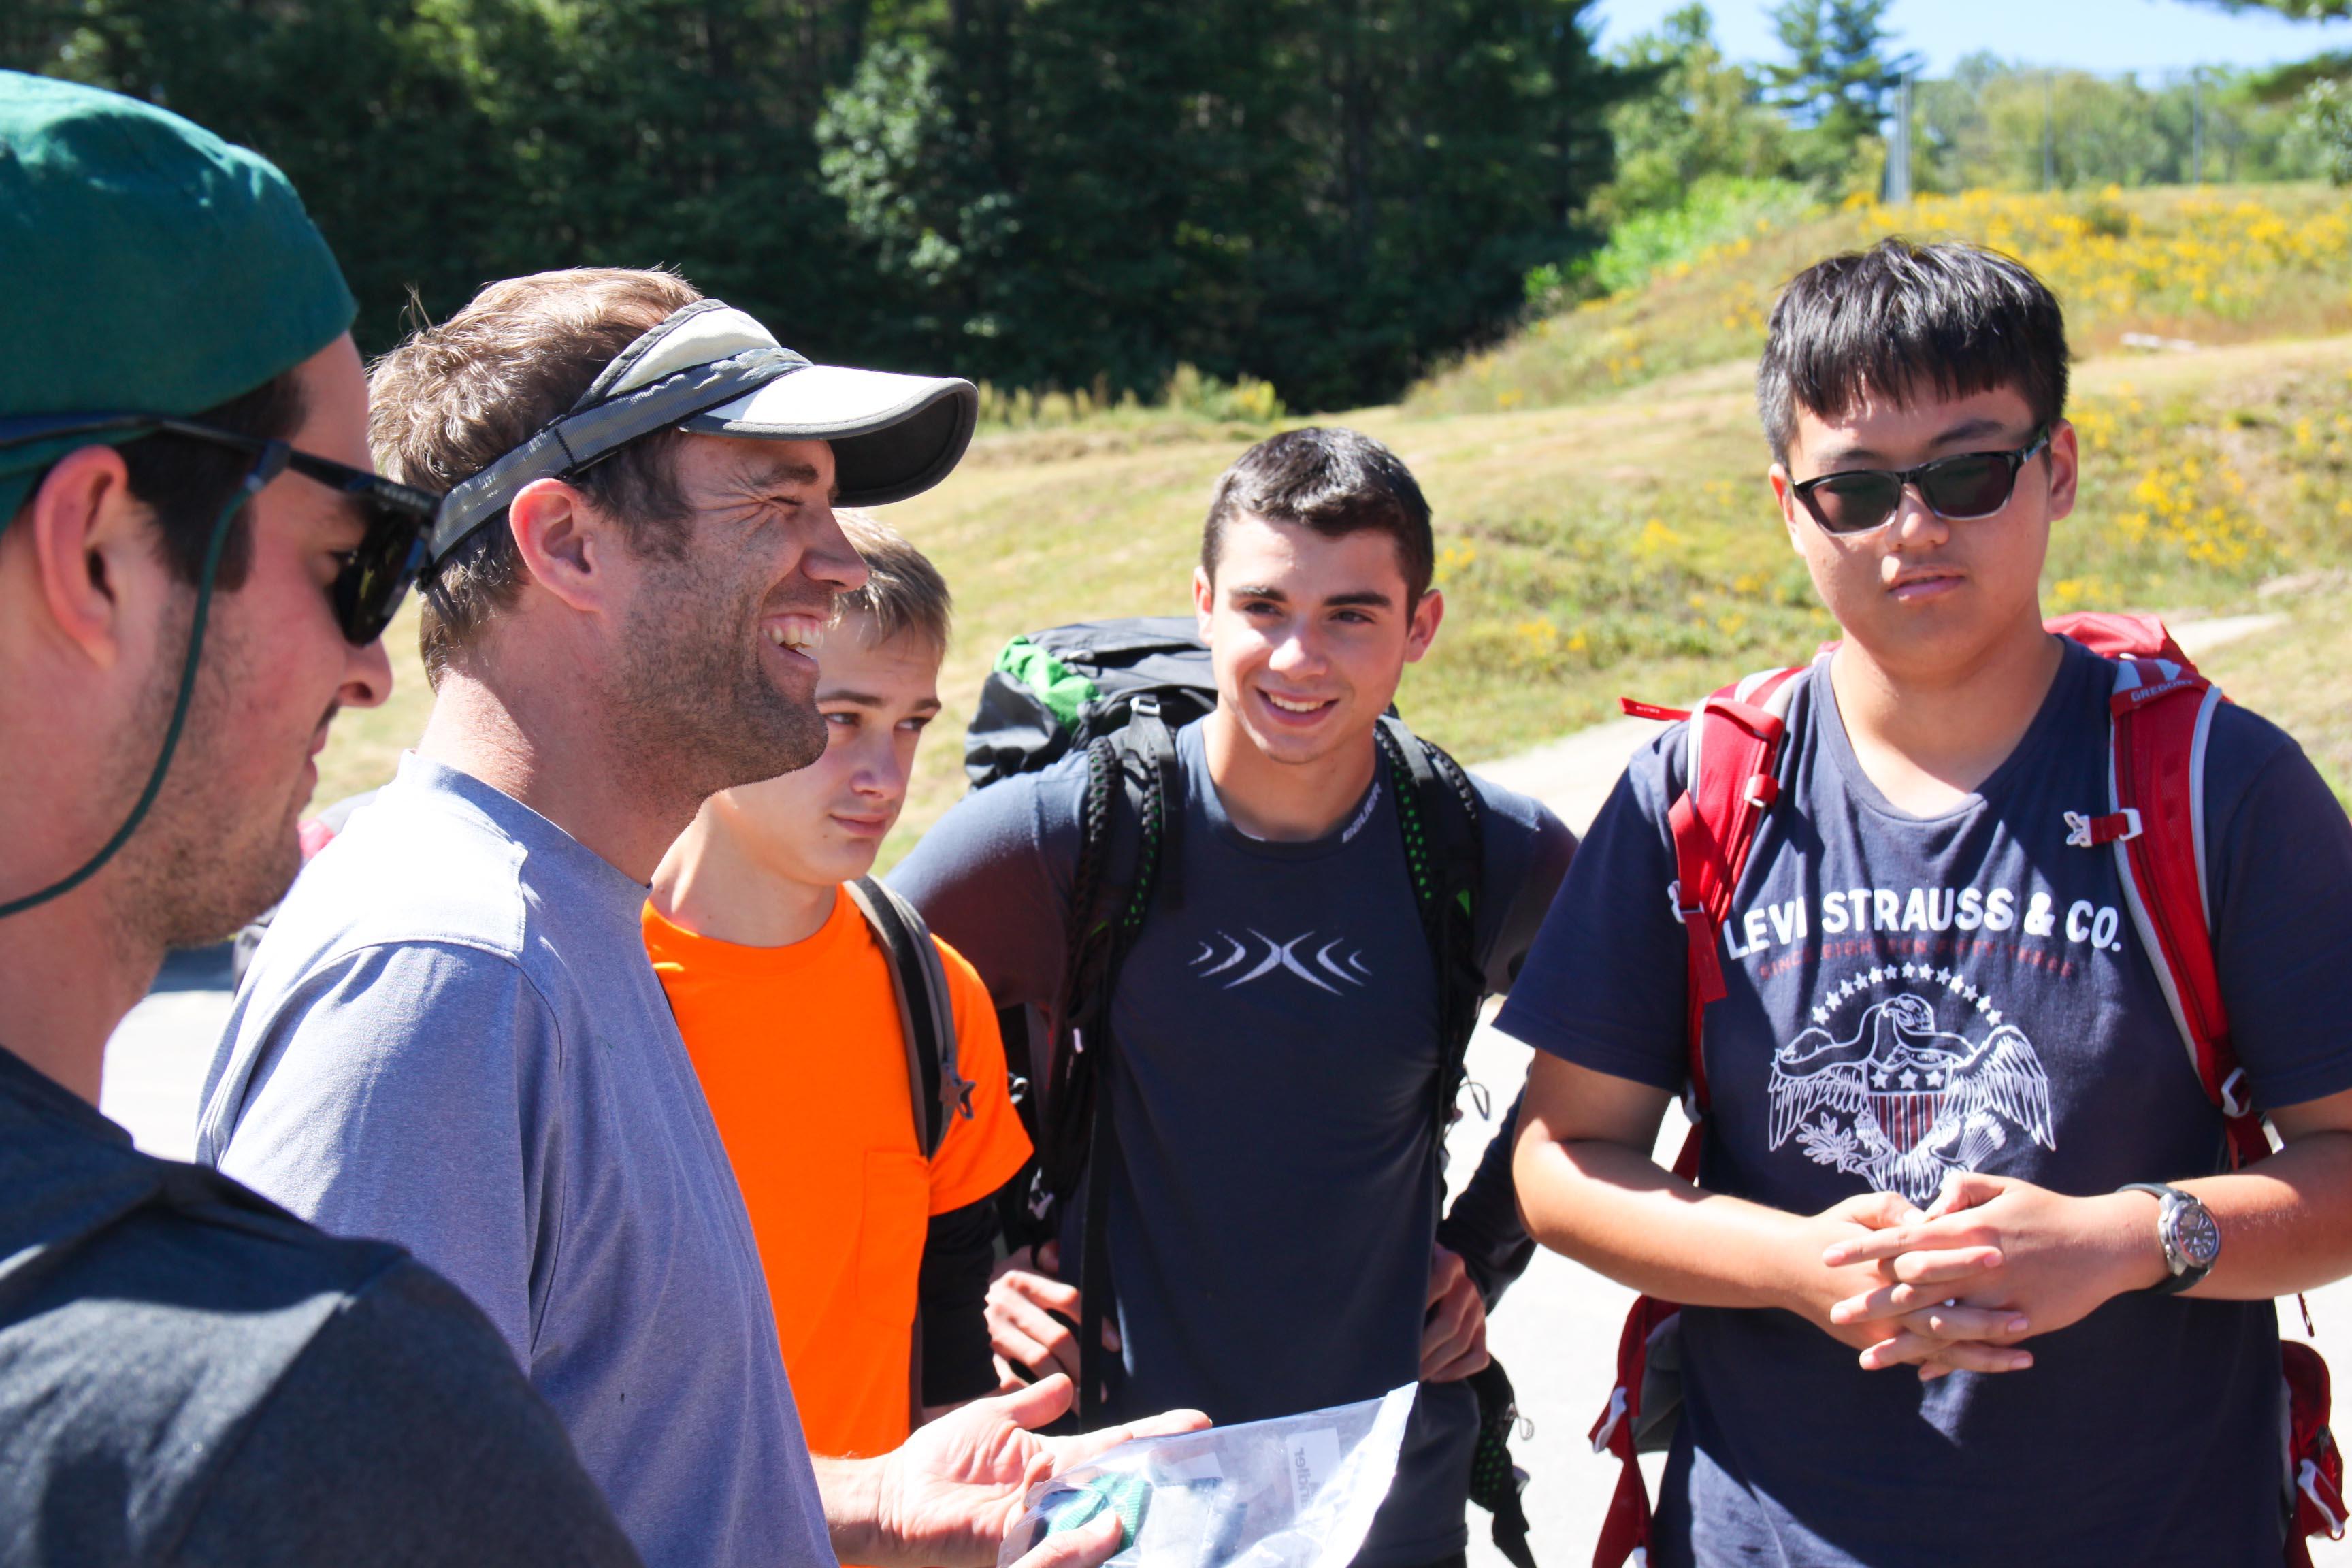 Proctor Academy Wilderness Orientation returns 3